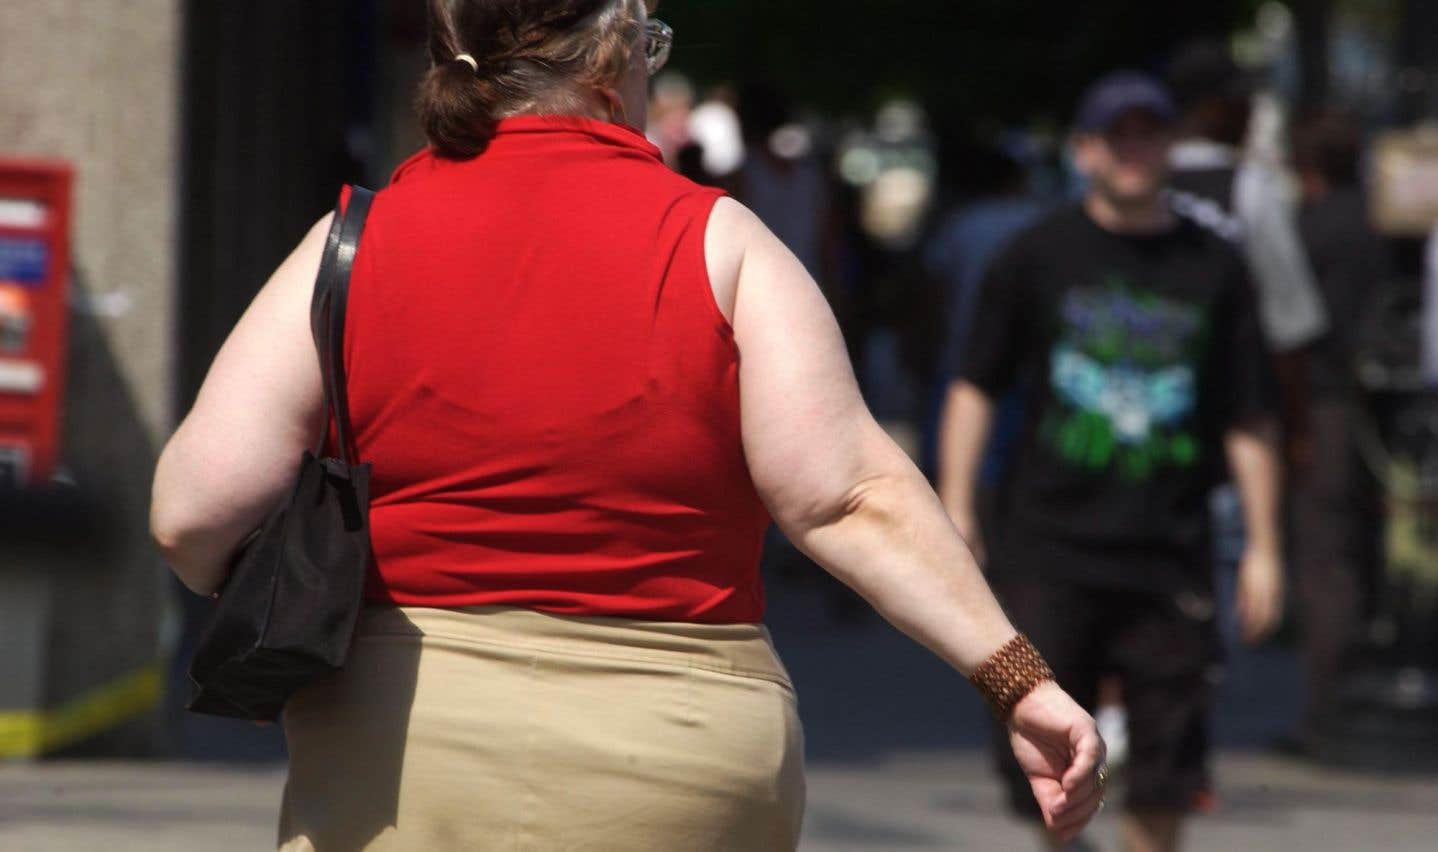 Environ le tiers des adultes américains et le quart de la population mondiale souffrent d'embonpoint.